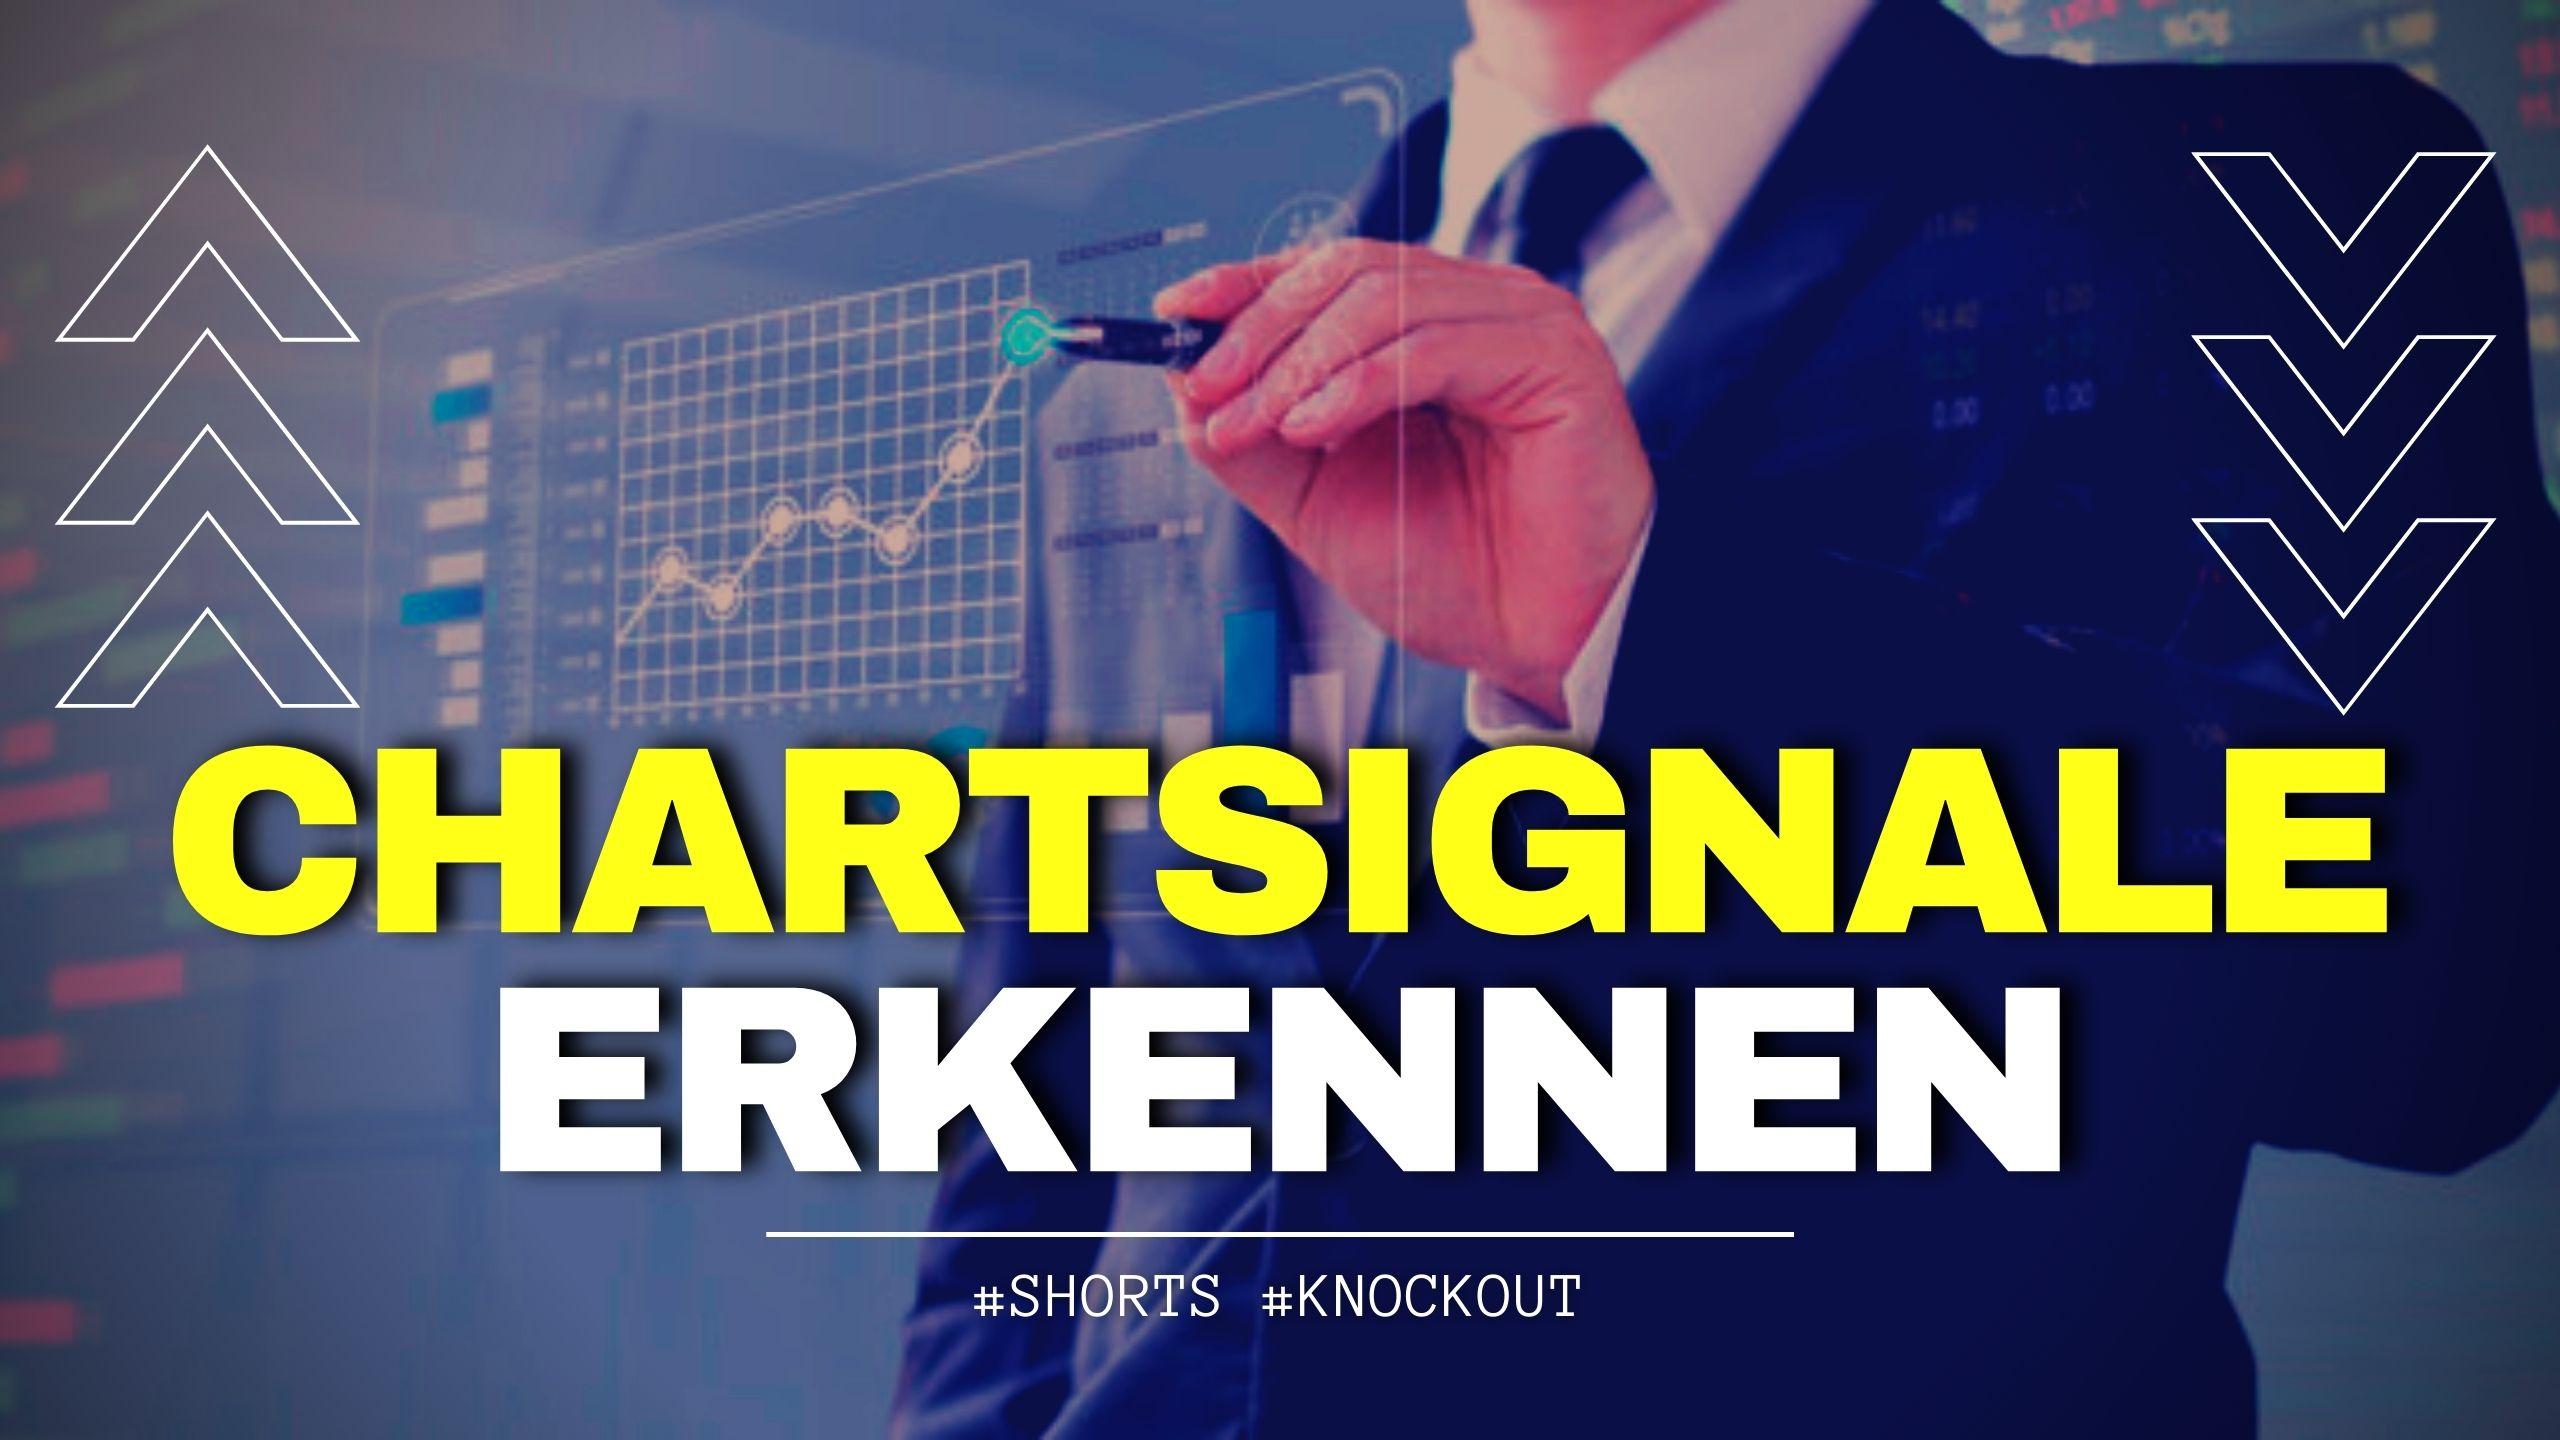 Chartsignale erkennen mit der Supply & Demand Strategie